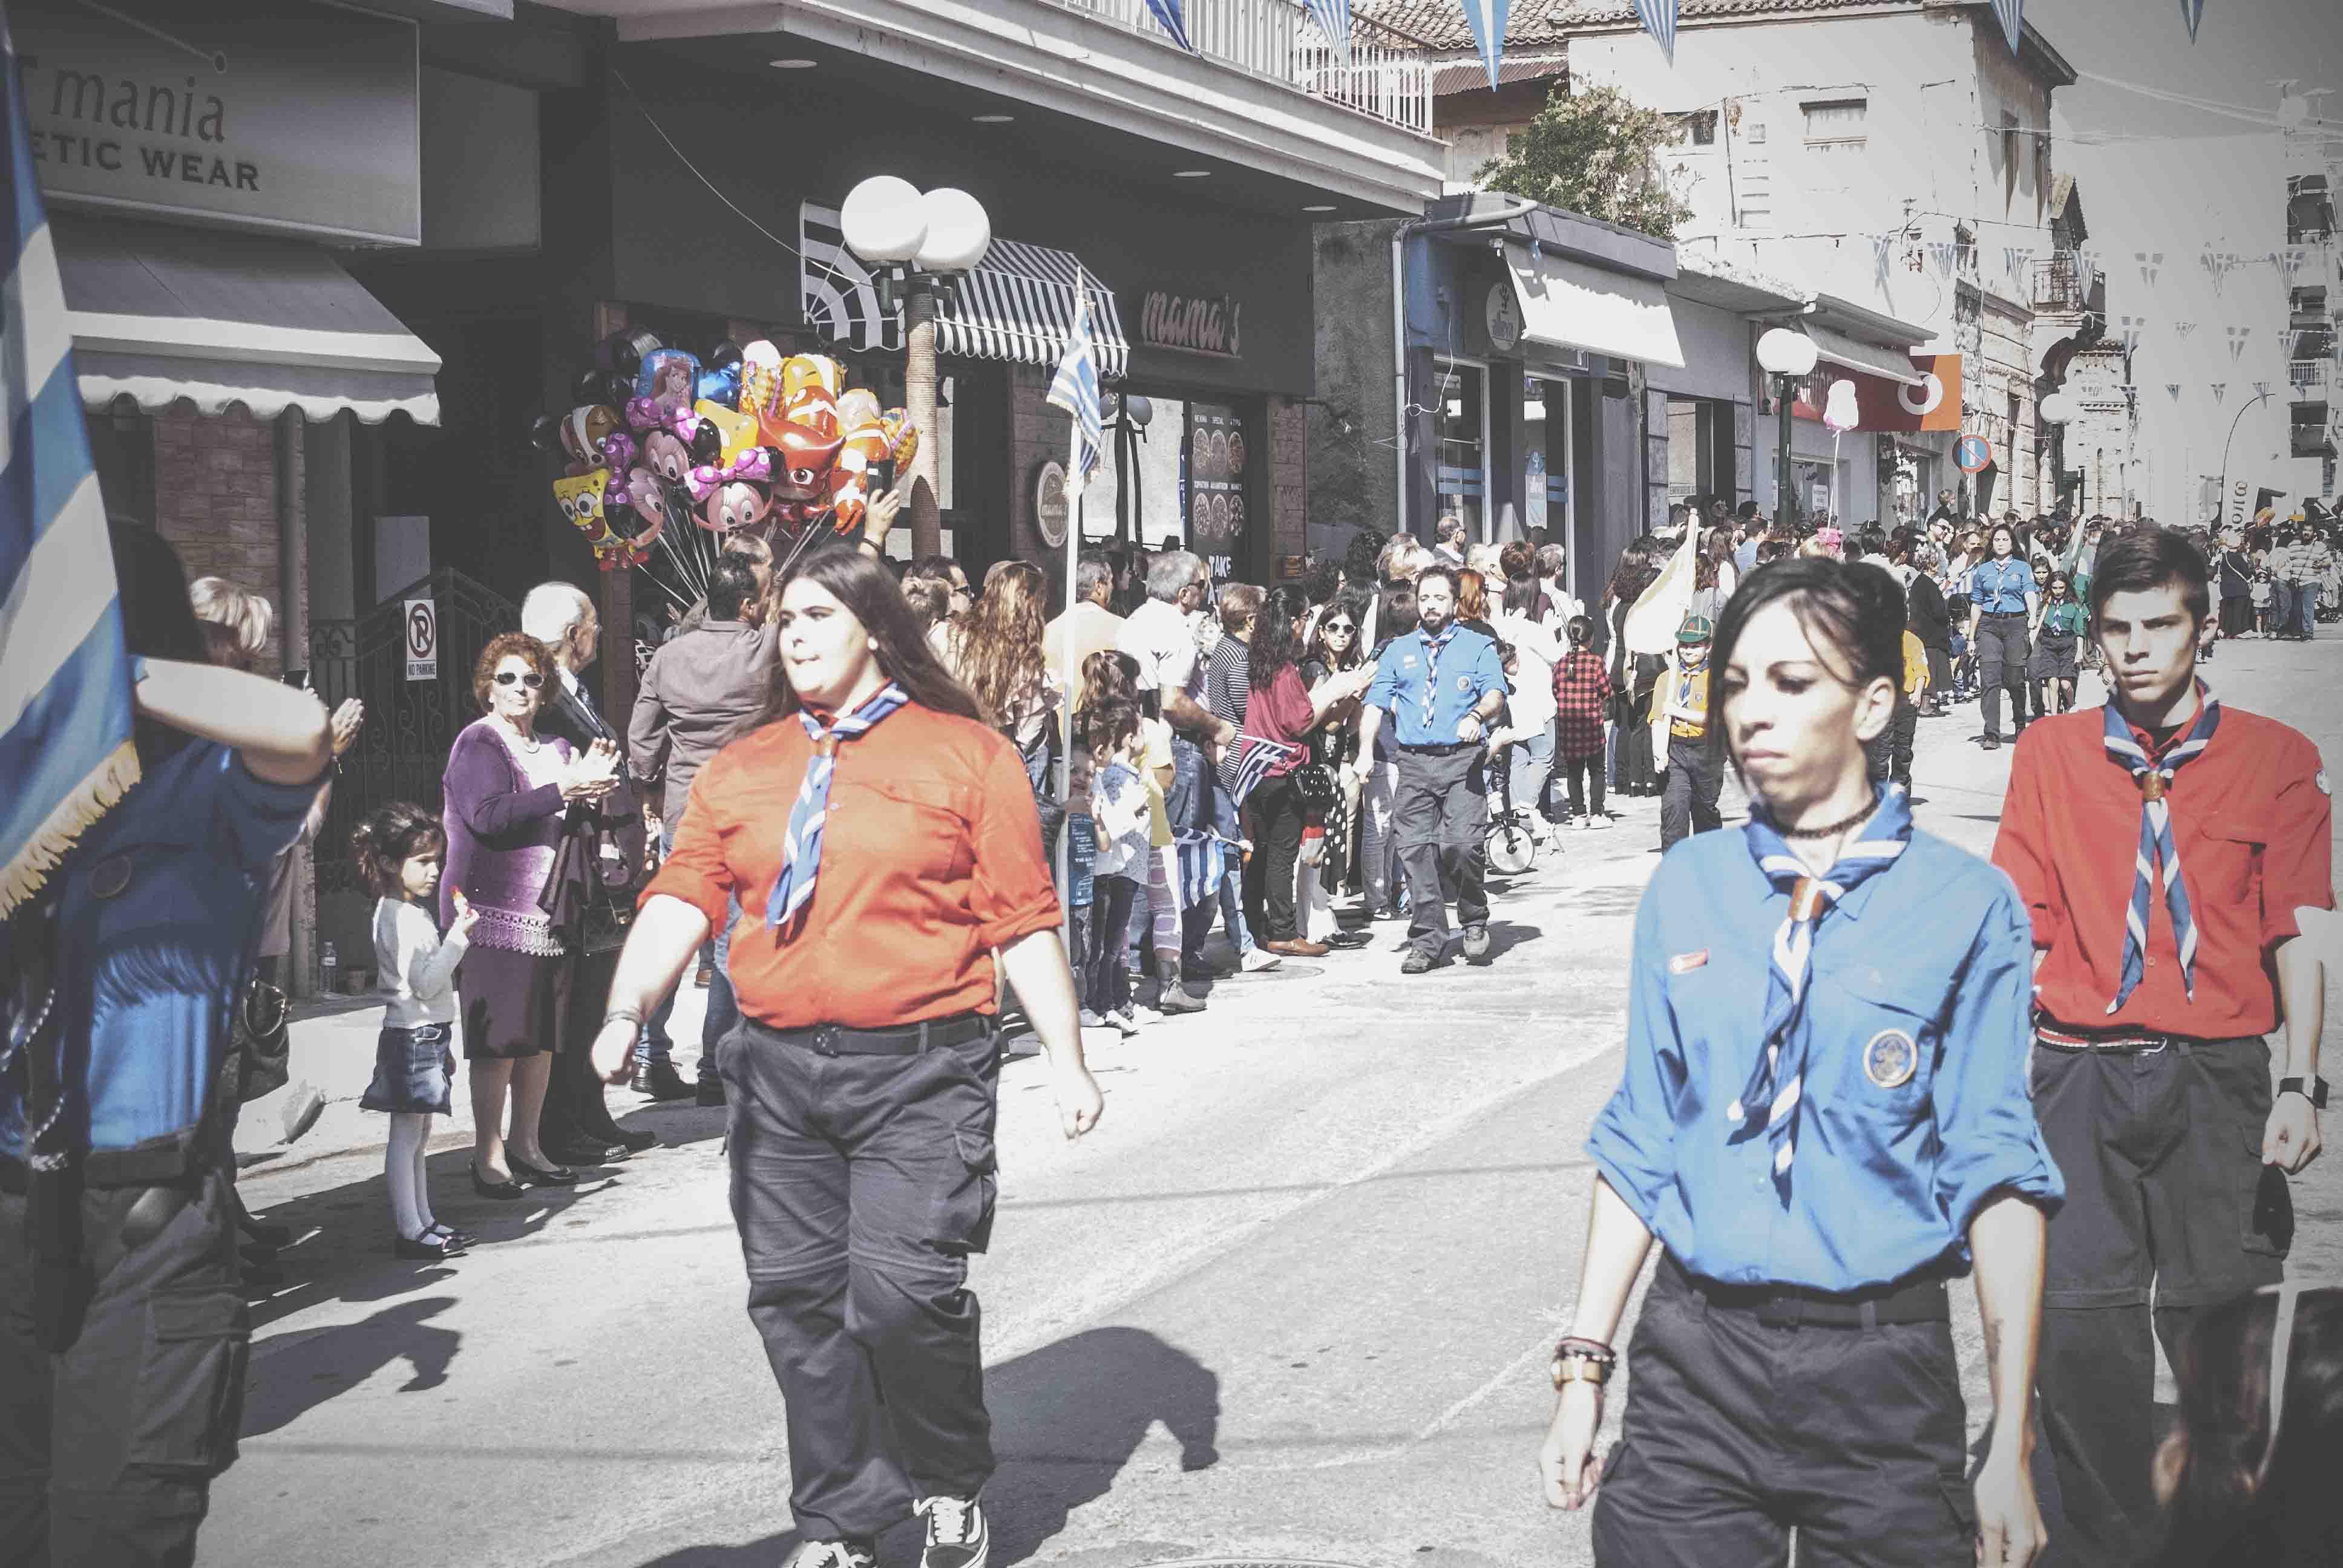 Φωτογραφικό υλικό από την παρέλαση στα Ψαχνά Φωτογραφικό υλικό από την παρέλαση στα Ψαχνά DSC 0340